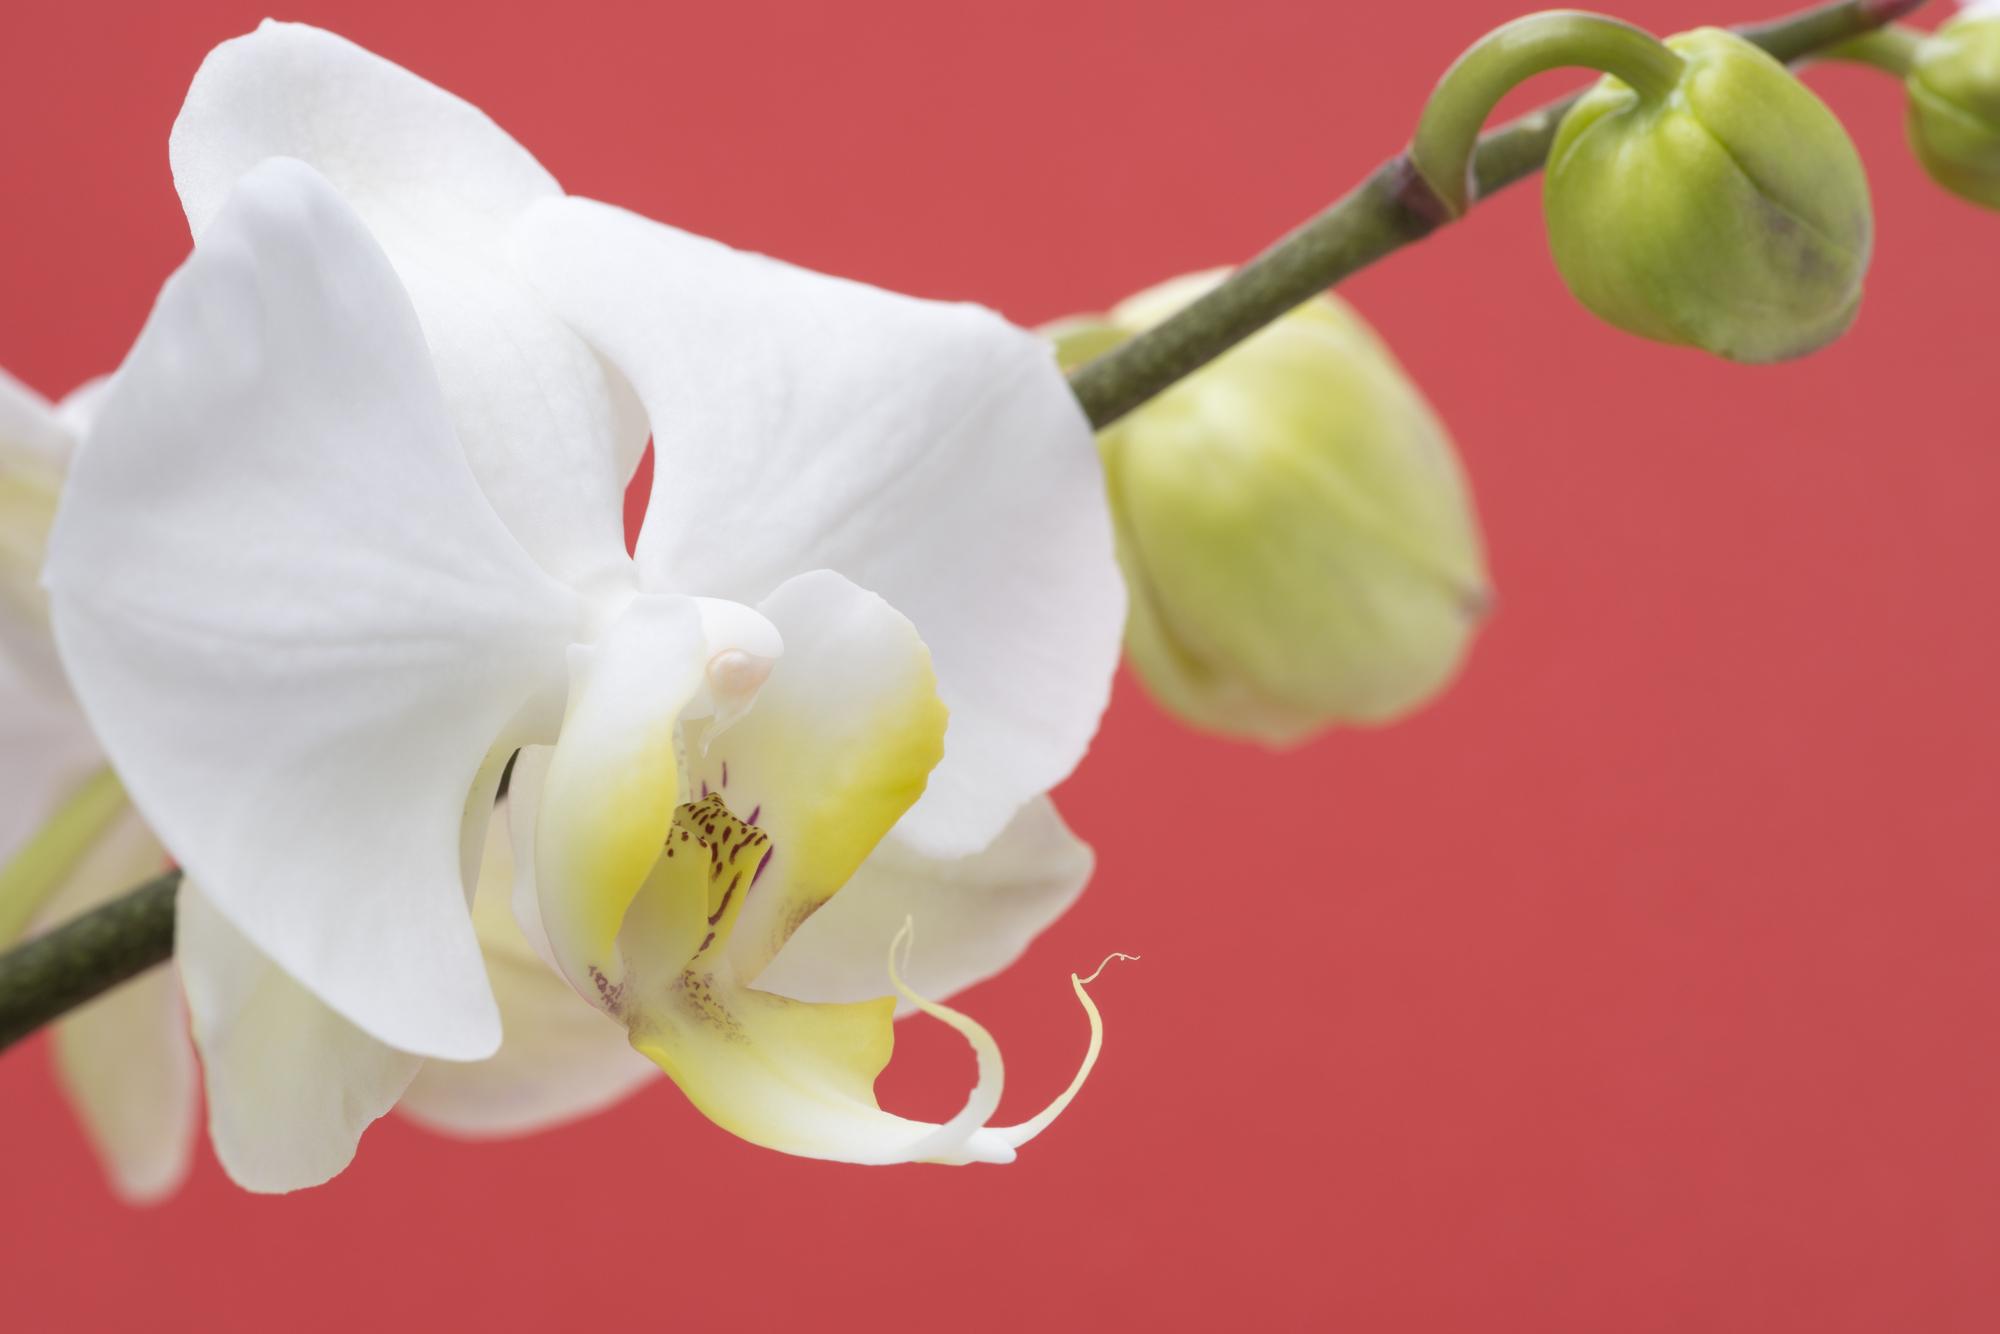 胡蝶蘭をお祝いで贈る際のマナーは?どんなシーンで贈ってもいいの?